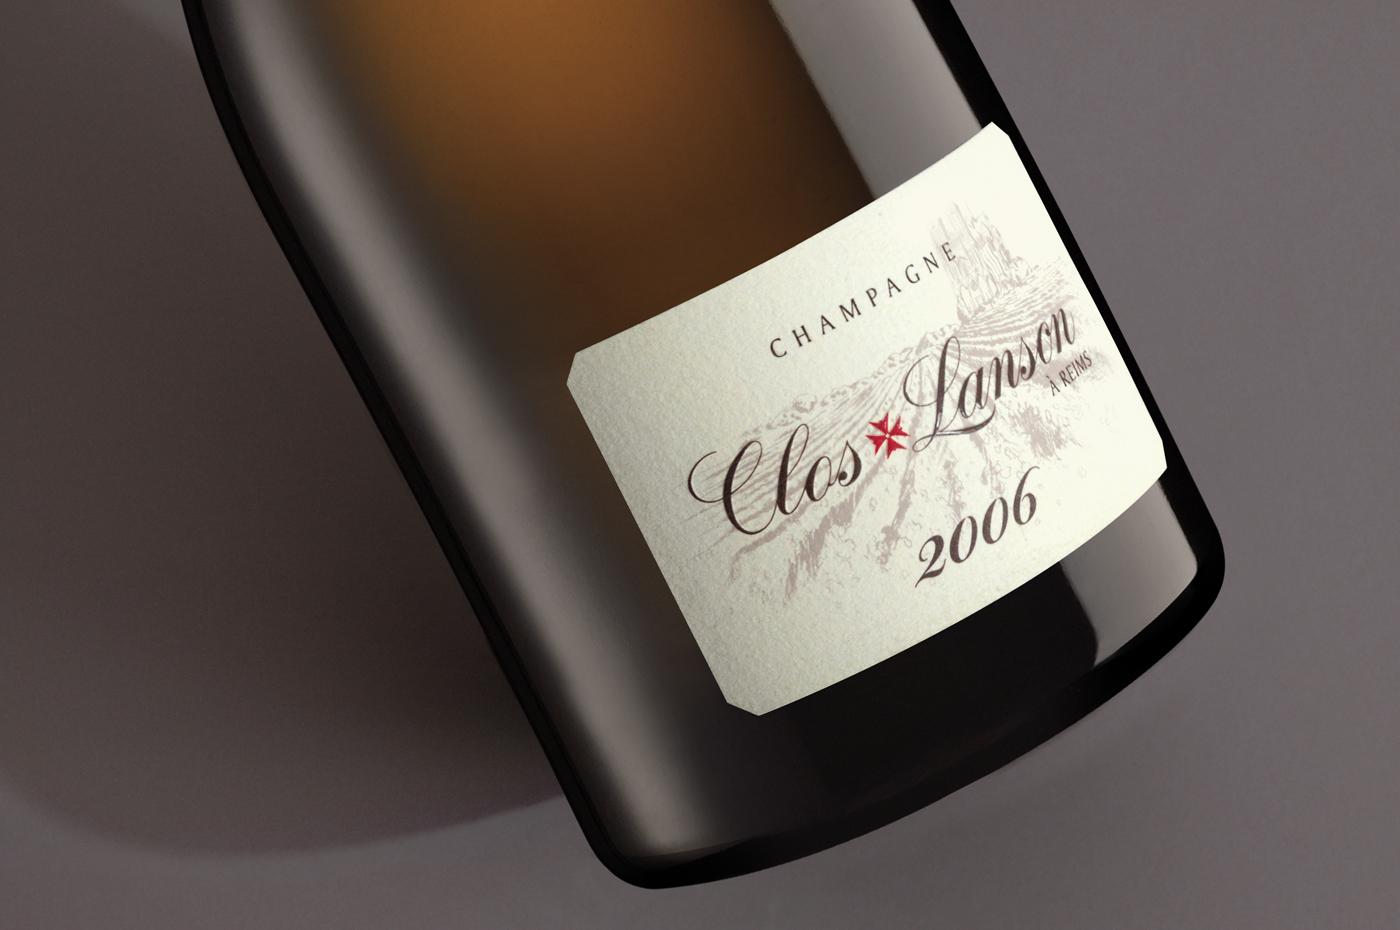 Clos Lanson - Un design pensé par l'agence de design de Paris Partisan du Sens.